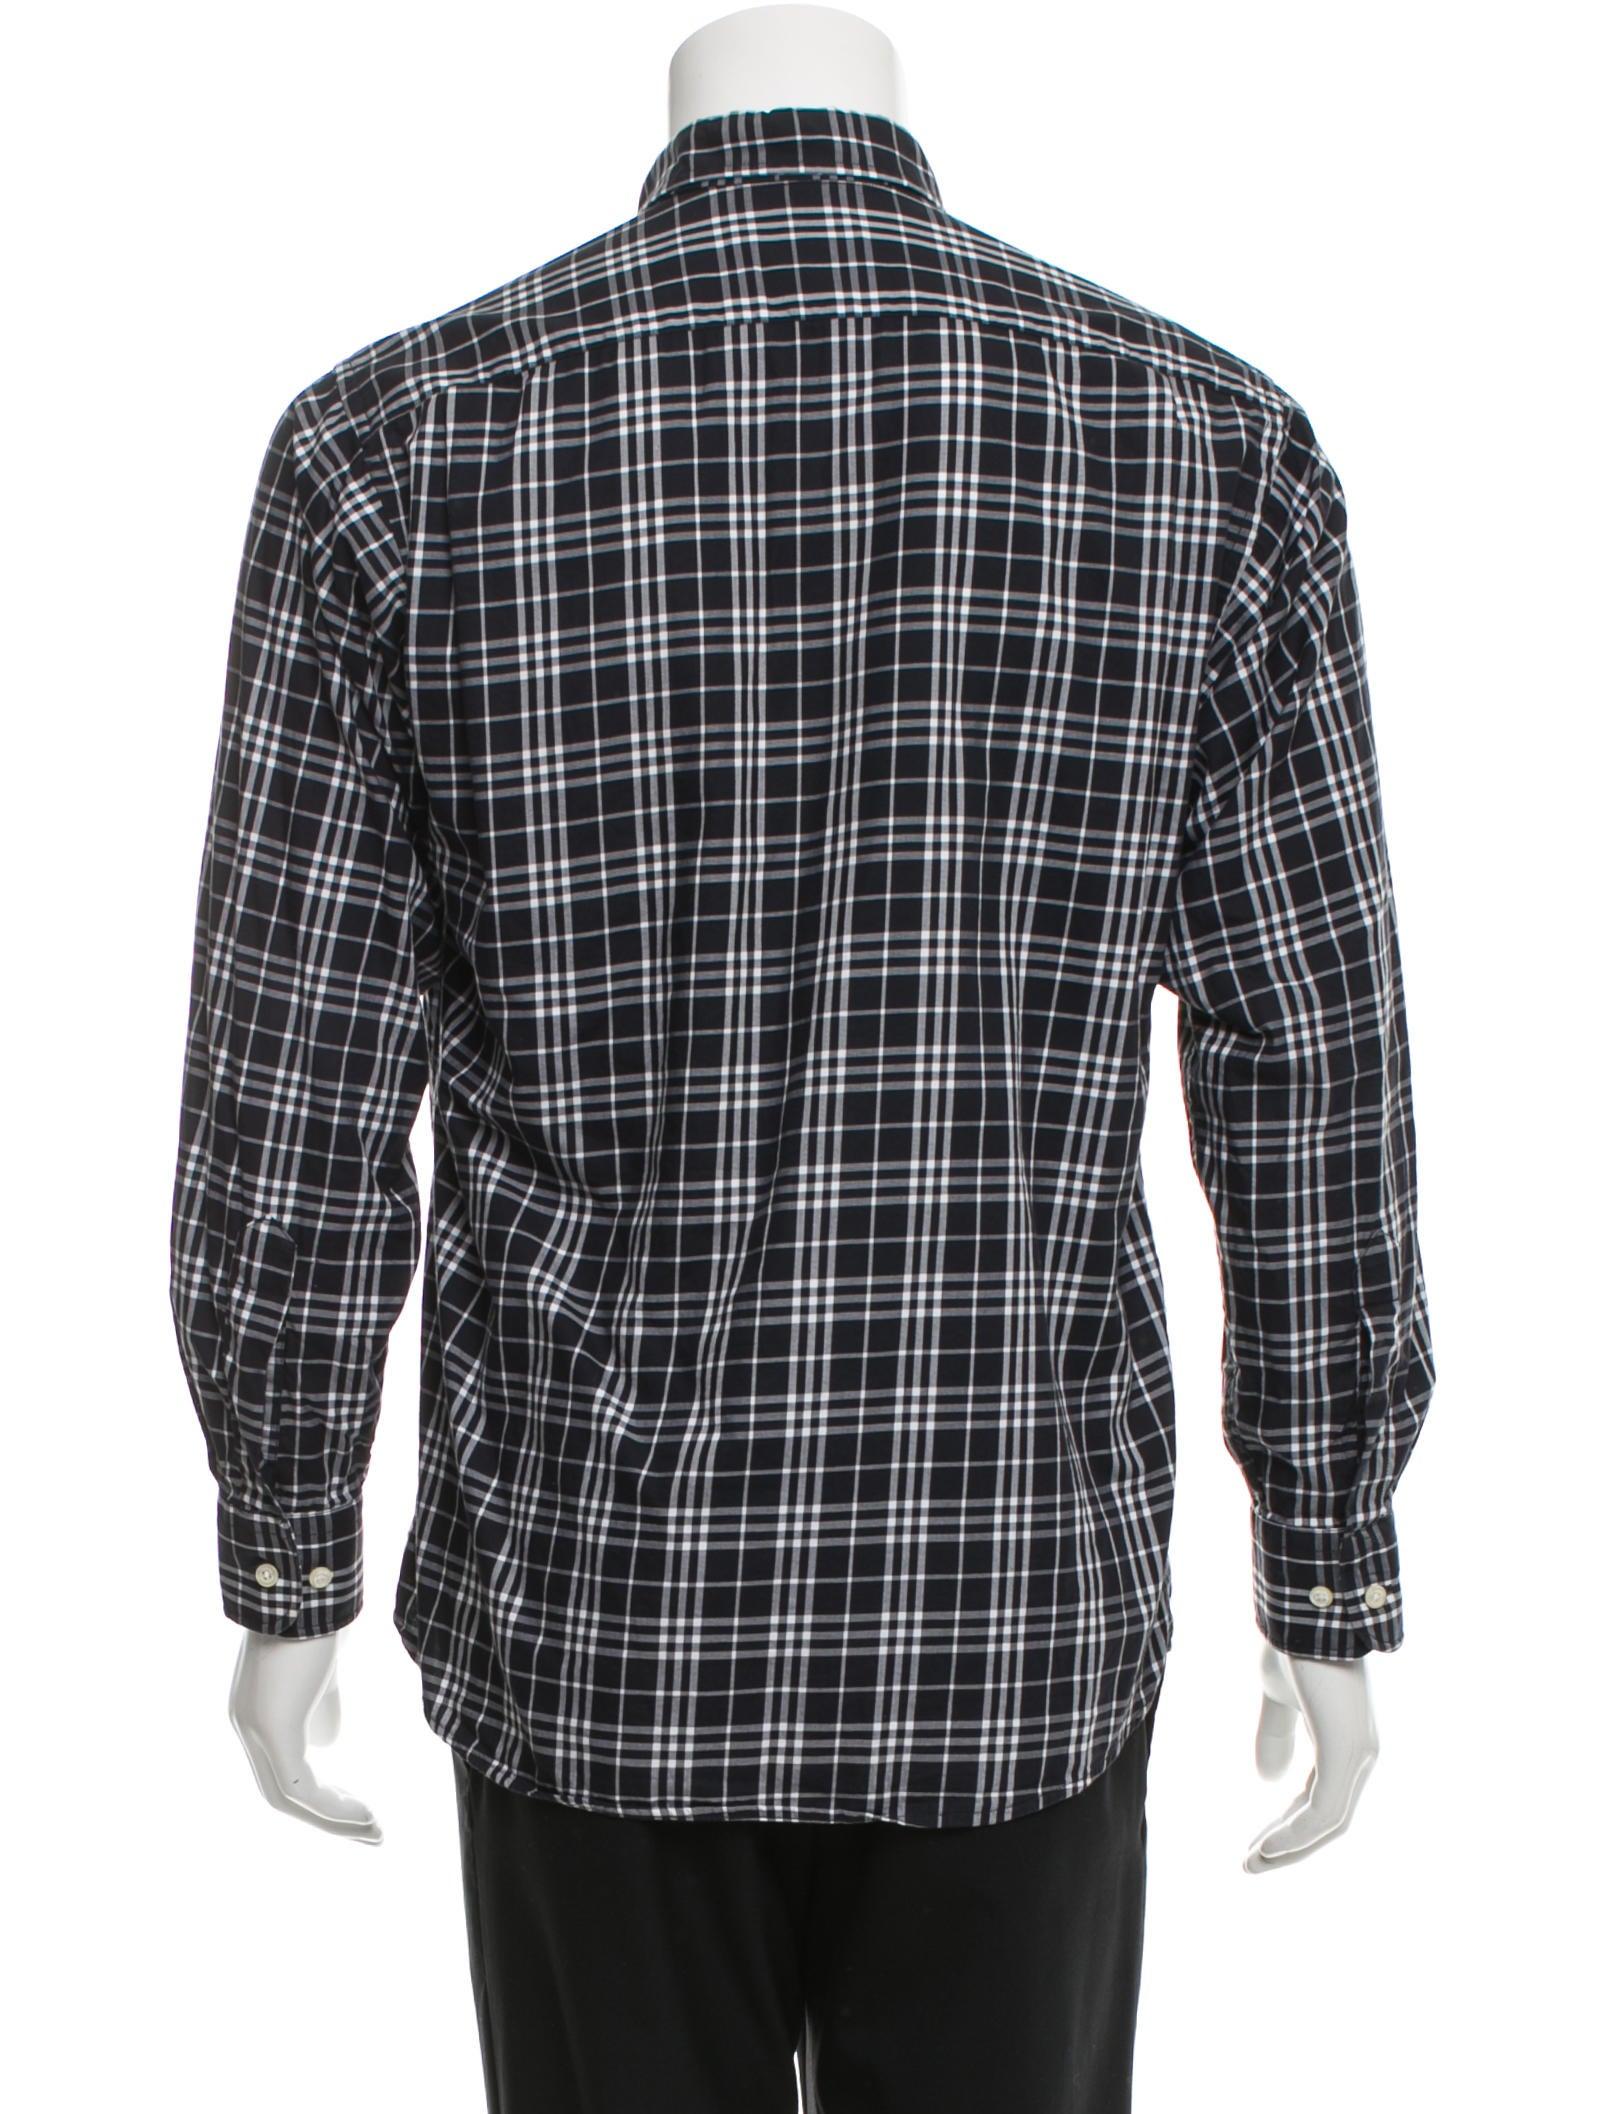 Burberry London Nova Check Button Up Shirt Clothing